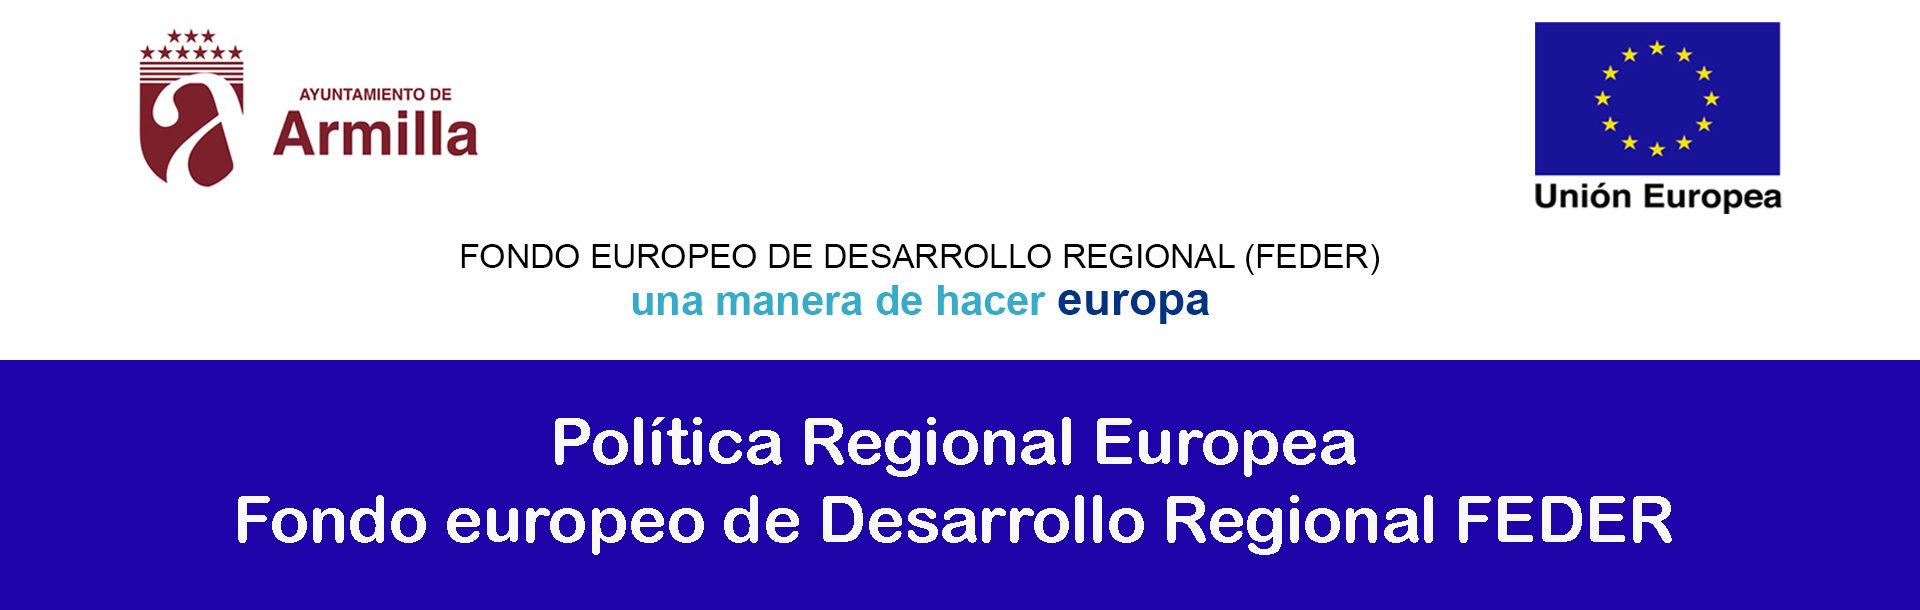 Fondos Europeos – Ayuntamiento de Armilla